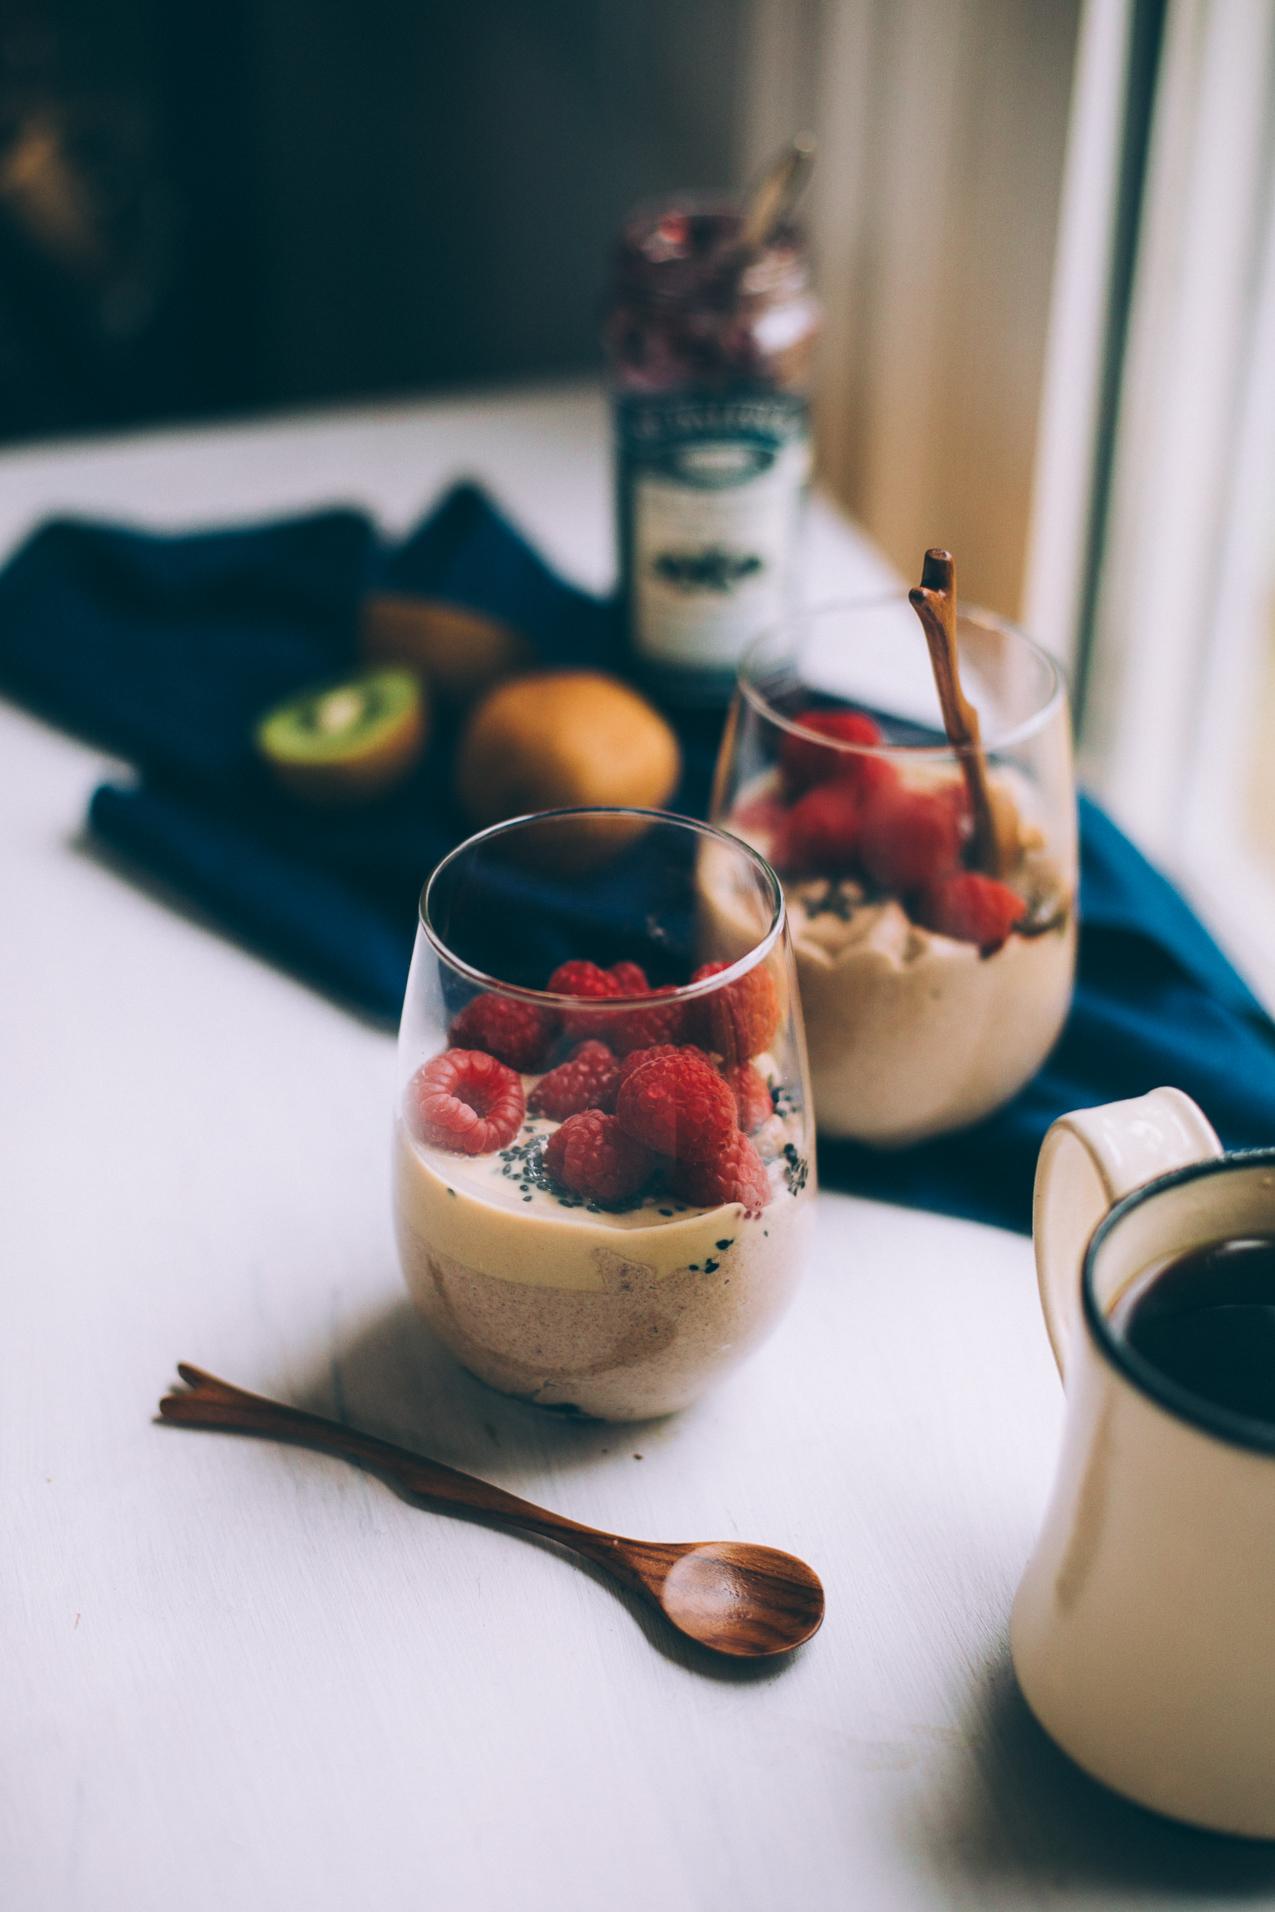 tahini-teff-porridge-7825.jpg